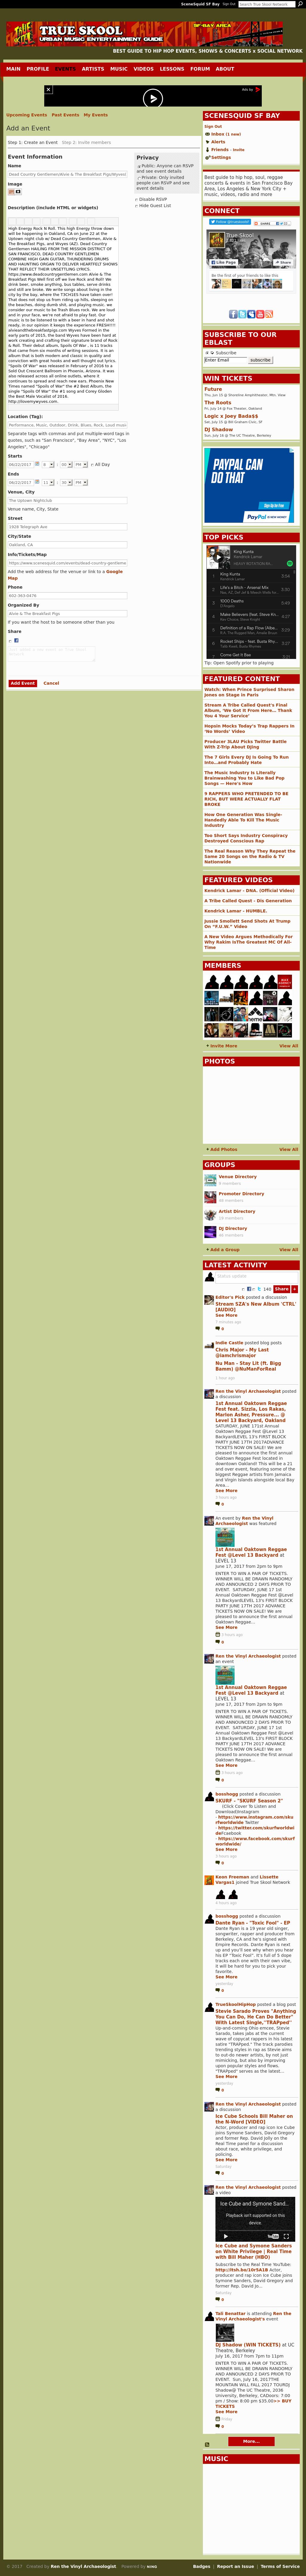 Screenshot from True Skool integration